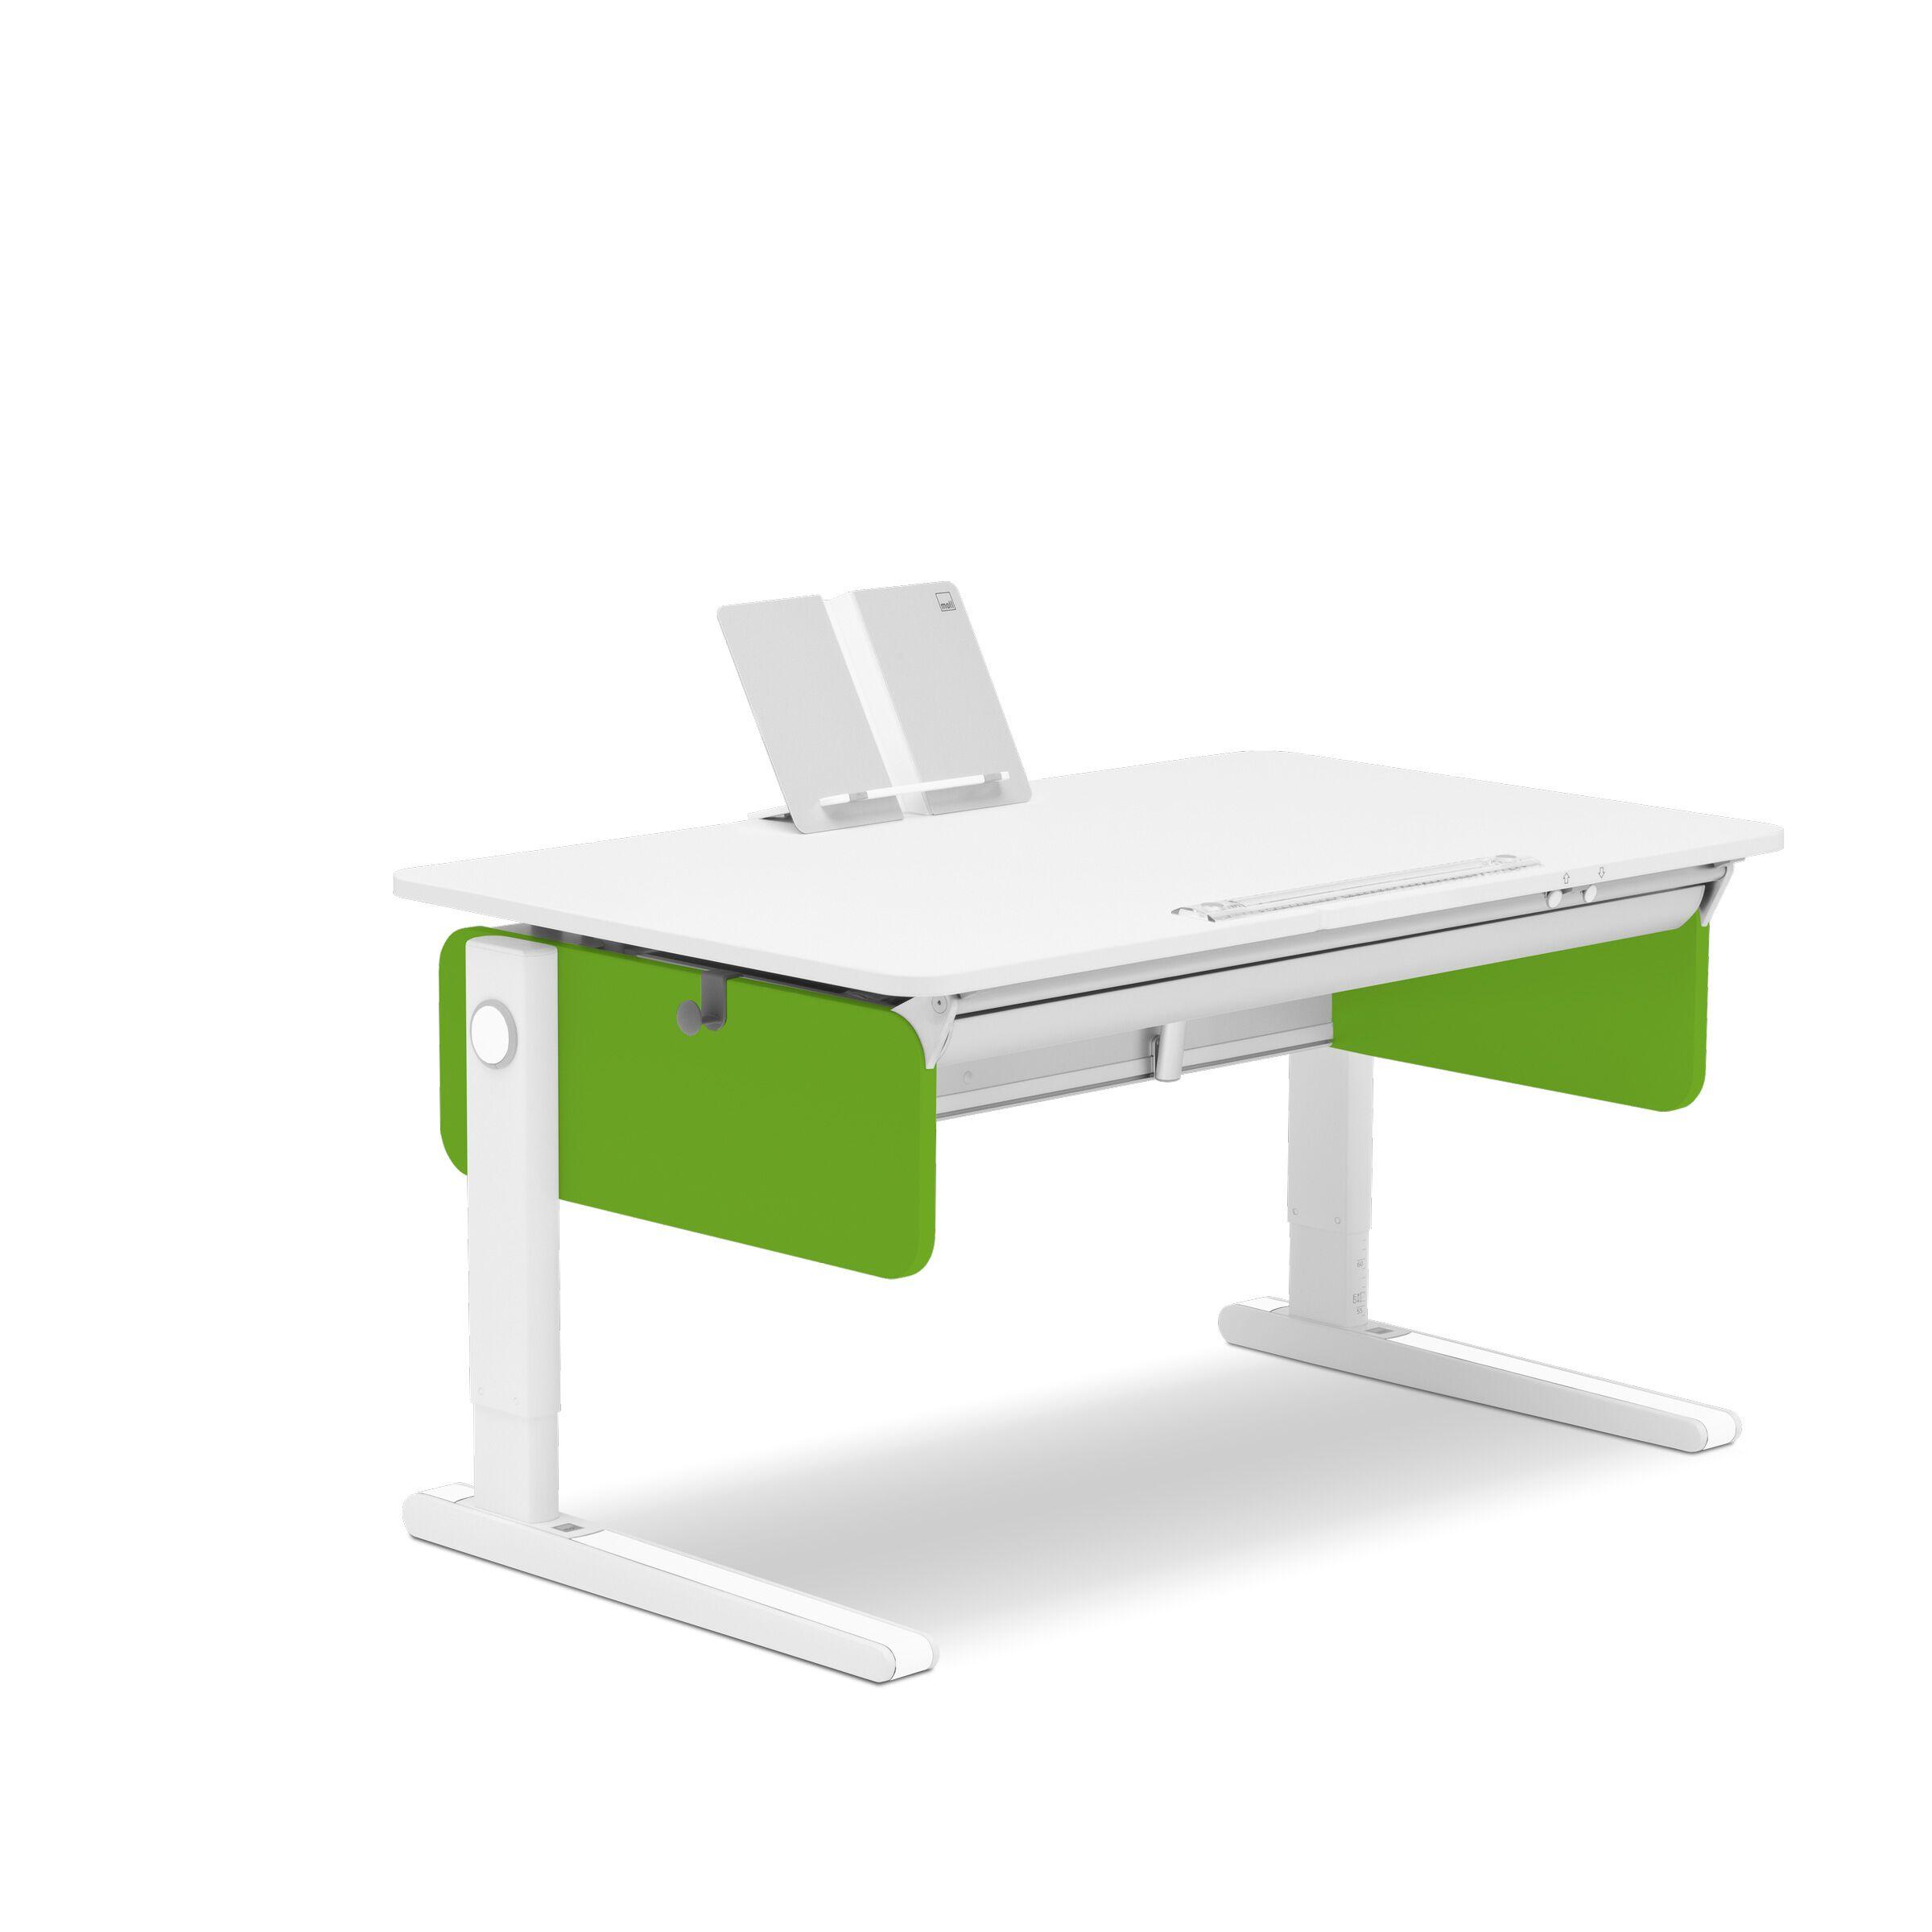 Стол Champion Right-UpДетские письменные столики<br>Детский письменный стол-трансформер Champion Right-Up изготовлен из экологически безопасной ЛДСП класса Е1 белого цвета толщиной 19 мм. Ключевая особенность модели заключается в том, что поверхность парты Молл разделена на функциональные зоны. С правой стороны располагается регулируемая часть столешницы, которая делает изделие эргономичным для детей левшей. Стационарная часть поверхности станет удобным местом для размещения тетрадей, учебных материалов, лампы, подставок для книг и ручек с карандашами. В конструкцию модели внедрен новый запатентованный регулирующий механизм, который позволит с легкостью поднимать и опускать столешницу на высоту до 20 градусов и избежать травм при эксплуатации изделия.&amp;lt;br&amp;gt;&amp;lt;br&amp;gt;Благодаря ему при опущенной столешнице обе части стола вплотную примыкают друг другу, а также отсутствует технологический зазор. В задней части модели располагается кабель-канал, куда можно убрать провода от компьютерной техники, с которой работает ребенок. Стандартная комплектация стола-трансформера предполагает наличие пластиковой магнитной линейки, которая заодно будет служить препятствием для соскальзывания предметов при поднятой столешнице. Также изделие оснащено боксом с цветными заглушками и декоративными лентами, выполненными в 8 различных цветах. Кроме того, в стандартную комплектацию входит подставка для книг с функцией складывания – ее можно брать с собой.&amp;lt;br&amp;gt;&amp;lt;br&amp;gt;Высота регулировки изделия – 53 до 82 см. Стол Champion подойдет для ребенка ростом от 109. Регулируемая часть столешницы имеет размеры 69х52 см. Предусмотрена опорная рама Comfort.&amp;lt;br&amp;gt;Можно выбрать разные цветовые решения!&amp;lt;br&amp;gt;Наличие цветов уточняйте у менеджера.&amp;lt;br&amp;gt;Поставка: в разобранном виде, инструкция по сборке прилагается.&amp;lt;br&amp;gt;Возврат производится при условии целостности упаковки и&amp;amp;nbsp; отсутствии следов сборки.&amp;l